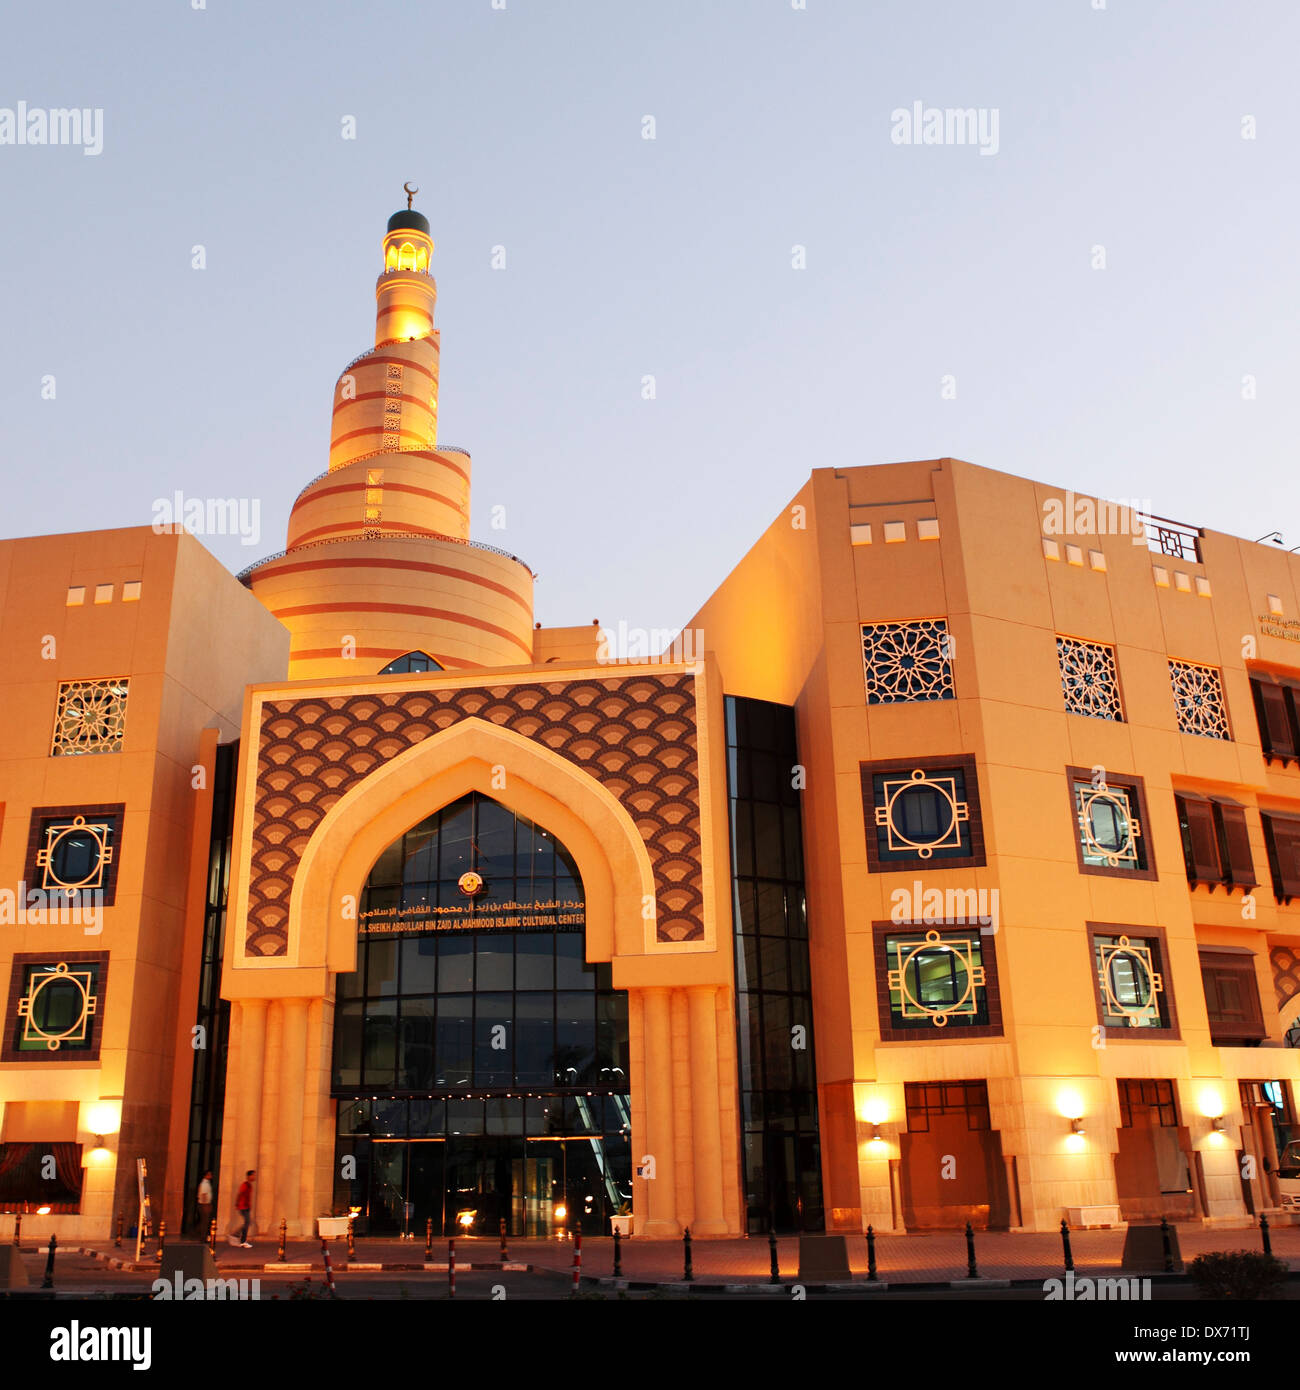 Al Jeque Abdullah bin Zaid Al-Mahmood Centro Cultural Islámico en Doha, Qatar. Imagen De Stock